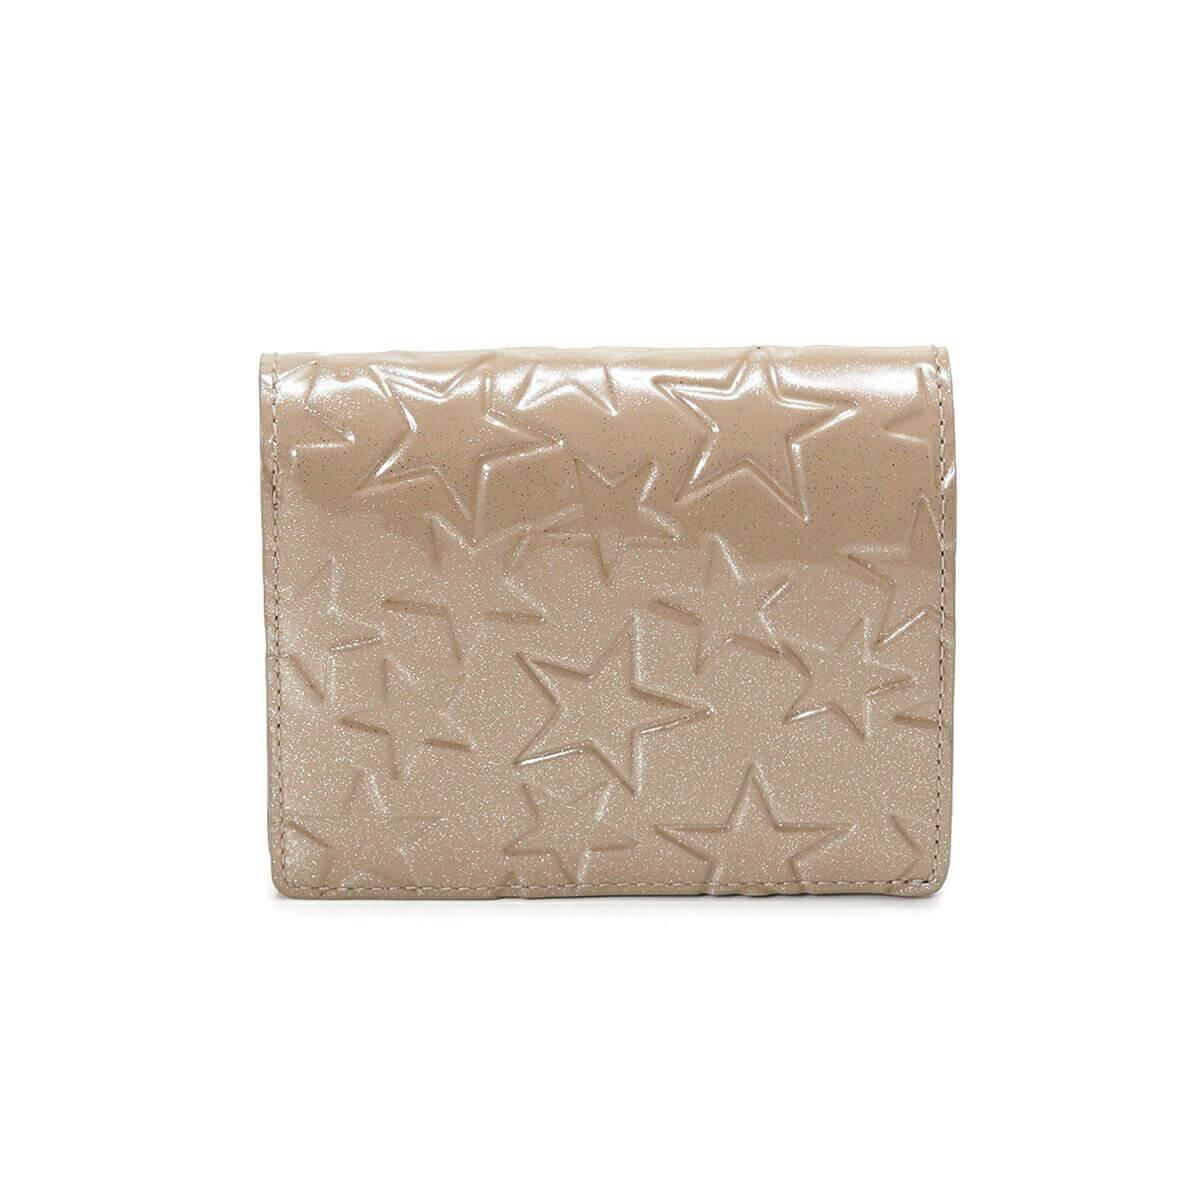 【公式】[トプカピ] TOPKAPI エナメル二つ折り財布 Sparkle Star スパークルスター